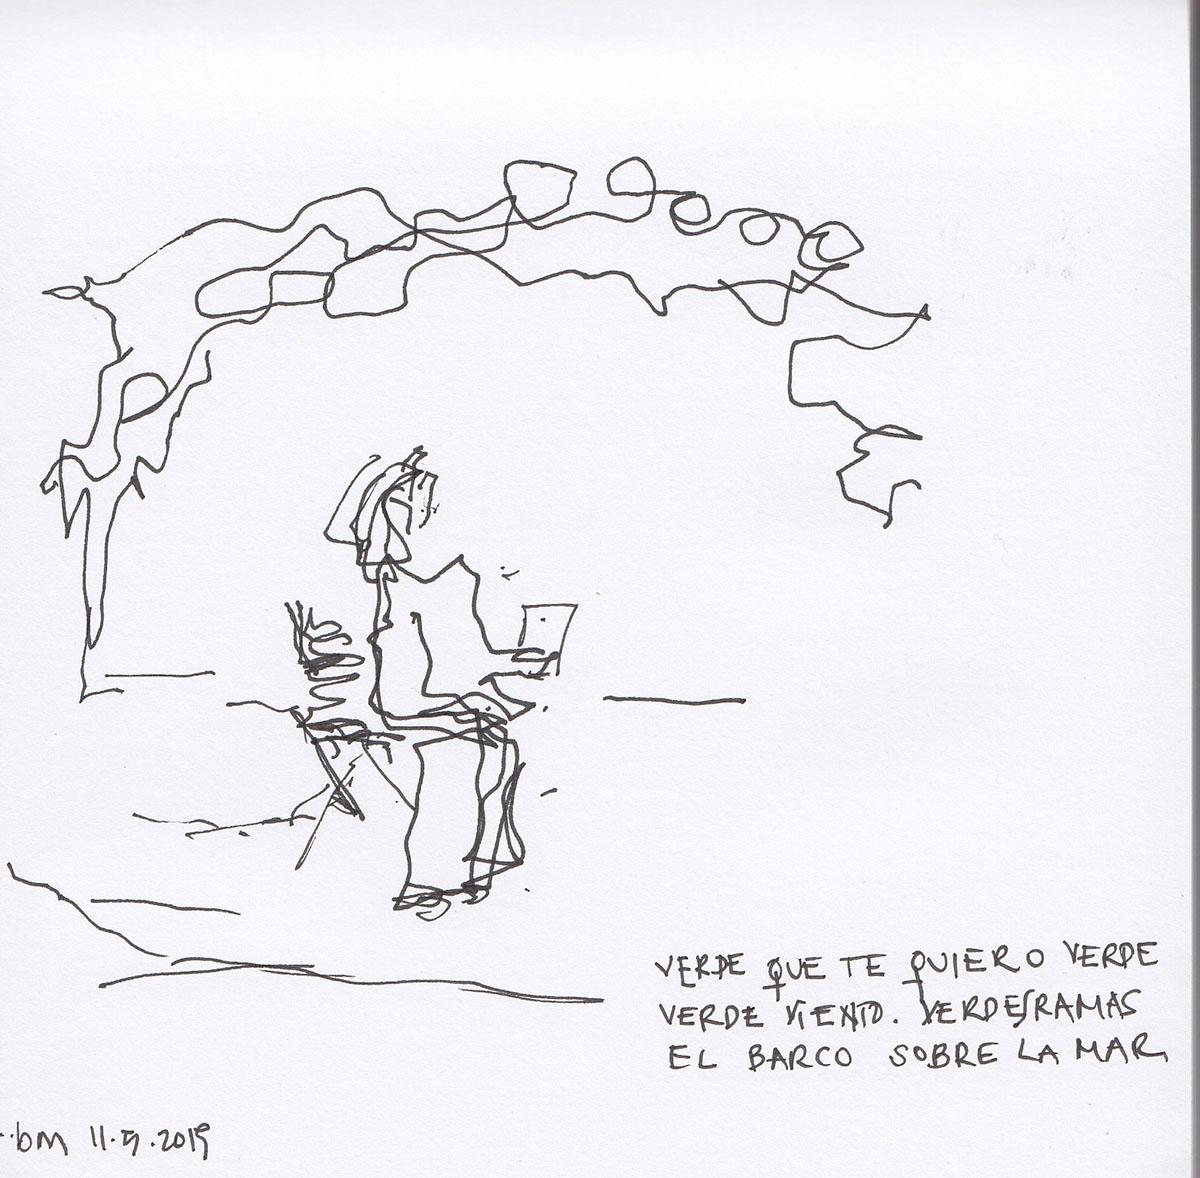 Teatro poesía Alberti Rafael cesar Manrique cesarmanrique centenario jameos del agua centro de arte y cultura cabildo de Lanzarote bmarquitecta bárbara Müller outline dibujos urban sketchers lifestyle watercolour lanzarote canarias lifestlyle cultura Lanzarote arte contemporáneo usklanzarote insitu architectsestudio artchitects_estudio arte Canary island usklanzarote dibujo in situ usk bm canayisland people acuarela gente amigos Friends photo #barbara_muller_outline #nopuedoparardedibujar #musica #noche #lifestyle #artchitects_estudio dibujos sketcher urban sketcher outline barbara Müller dibujos tradition music canaria cultura usklanzarote nopuedoparardedibujar bmarquitecta barbaramulleroutline lifestyle carnaval enjoy dibujo in situ usk bm canaryisland people acuarela traditional amigos Friends sketch doodle artchitectsestudio festival